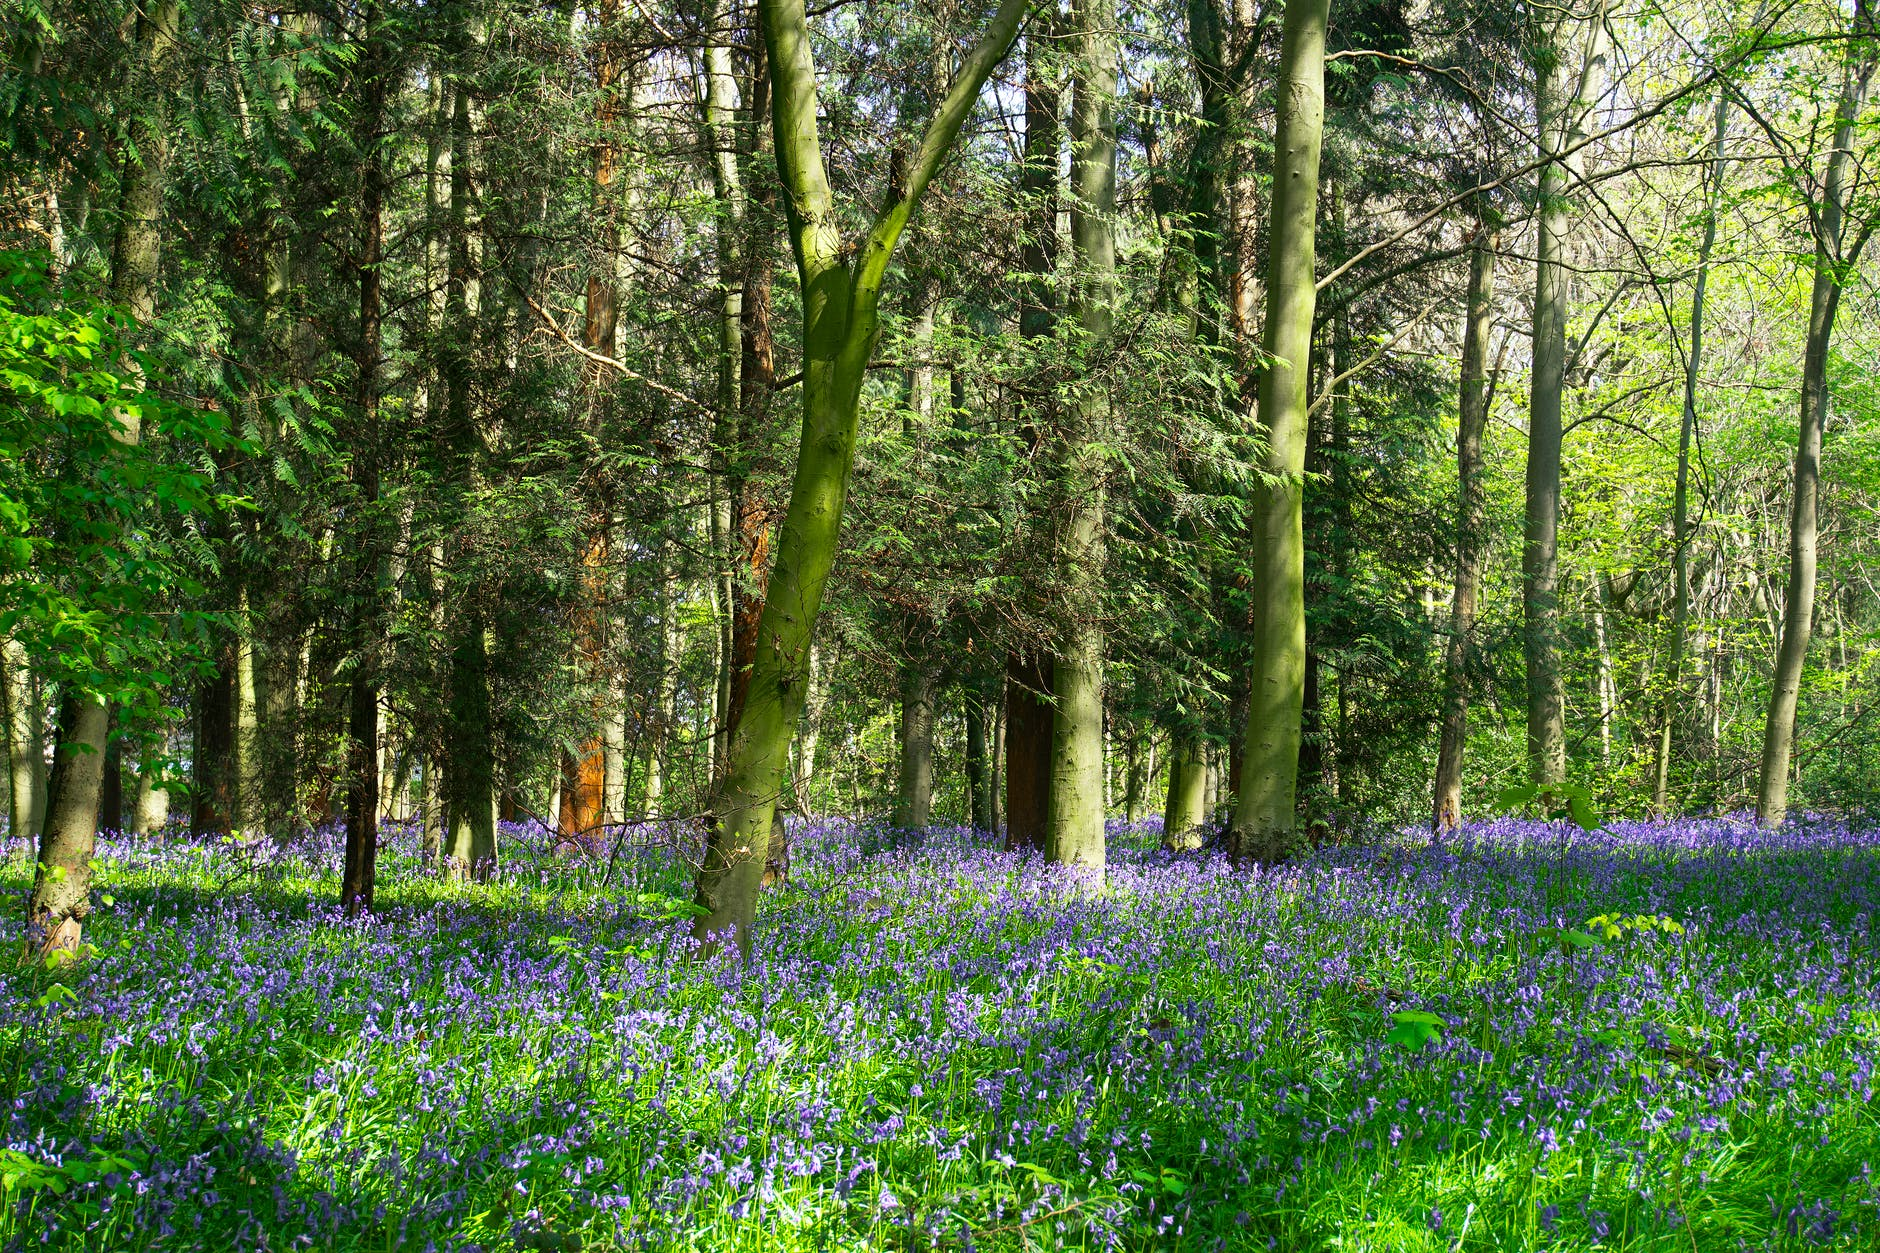 Hallerbos Halle Brussel wilde  boshyacint blauwe bos